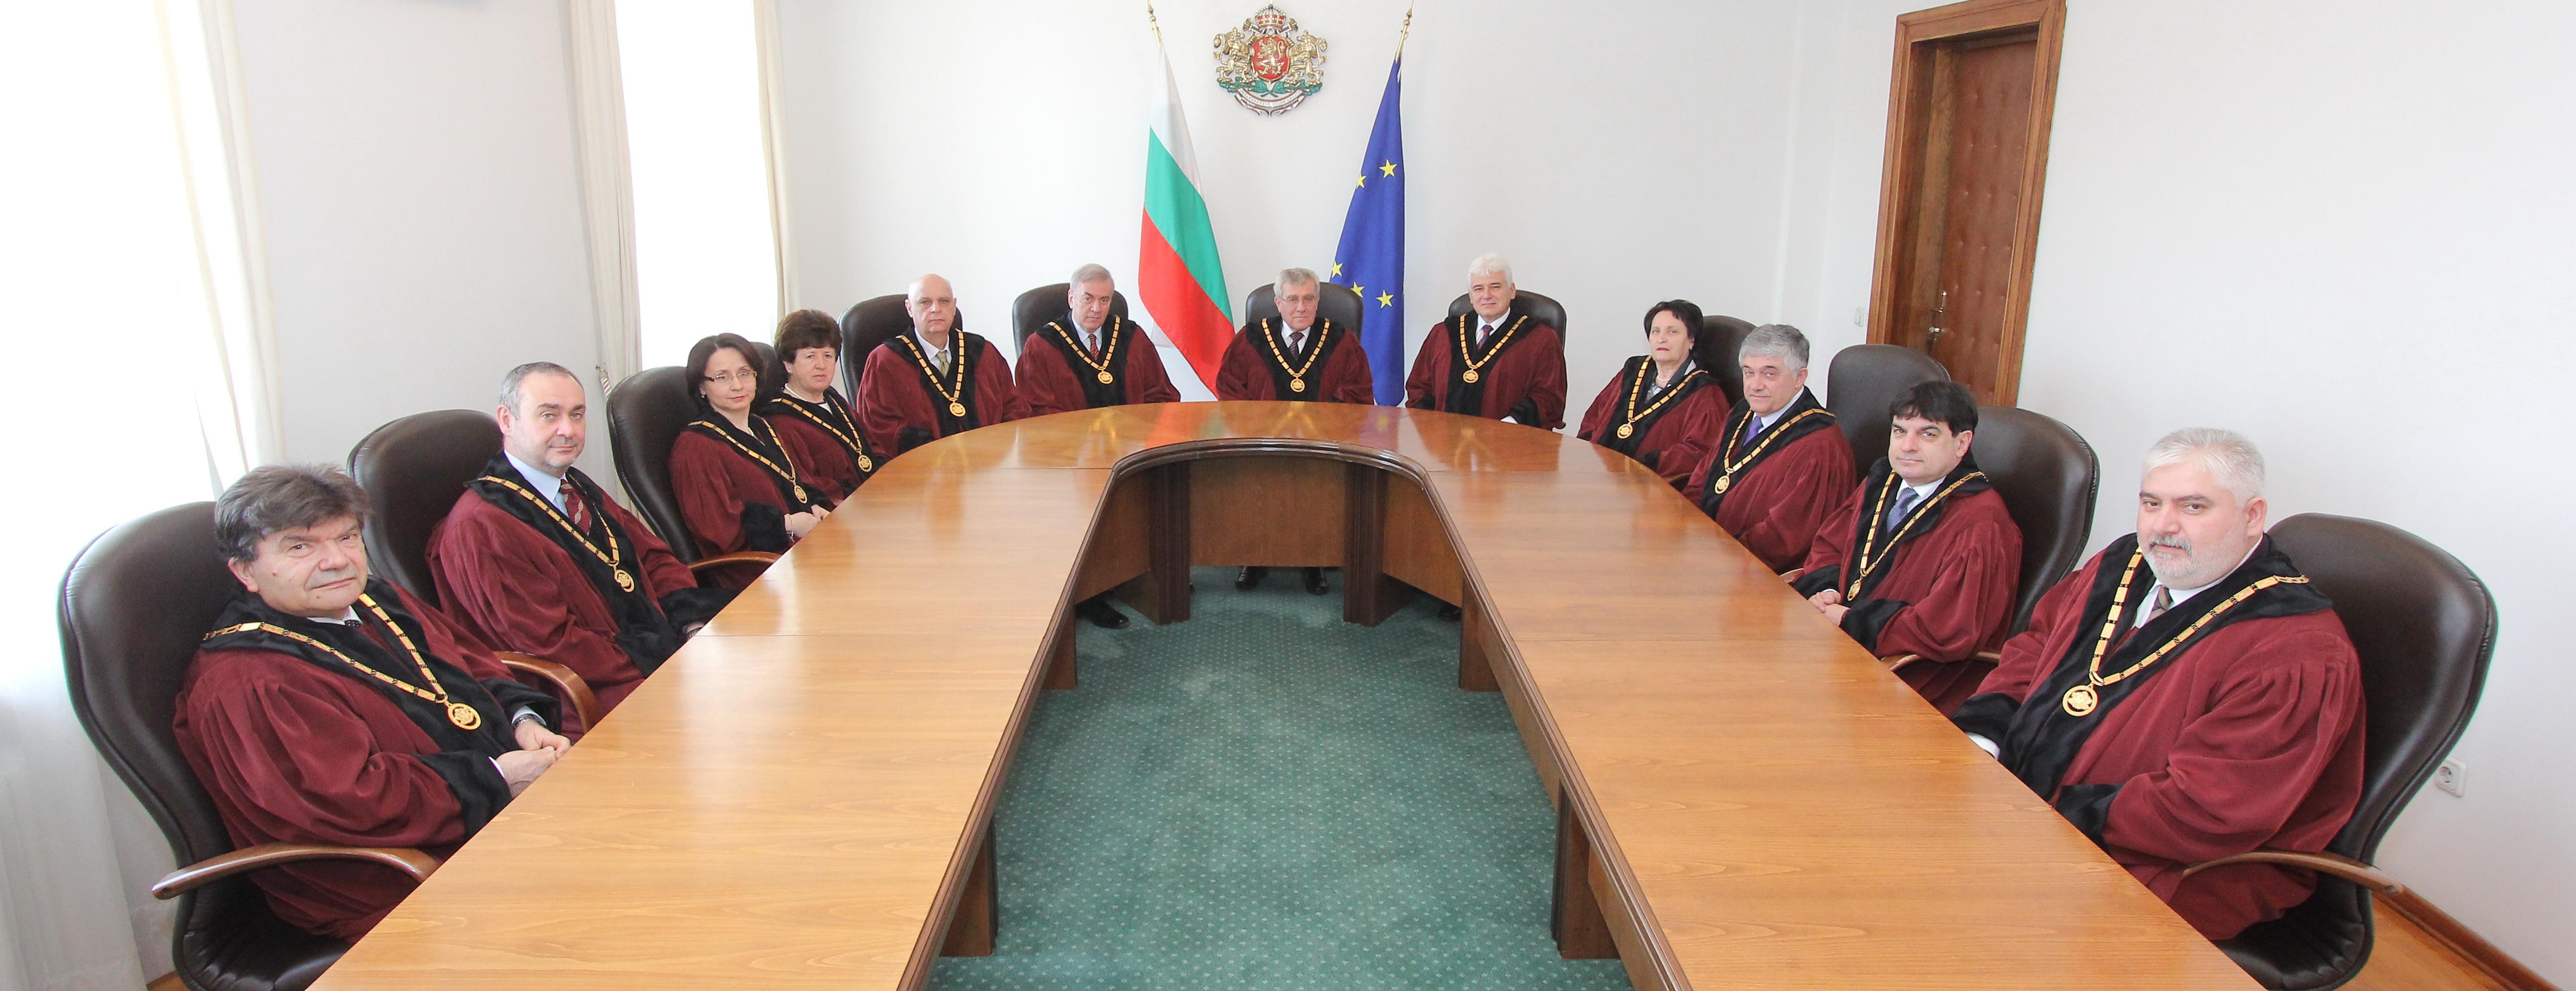 Verfassungsgericht-Bulgarien